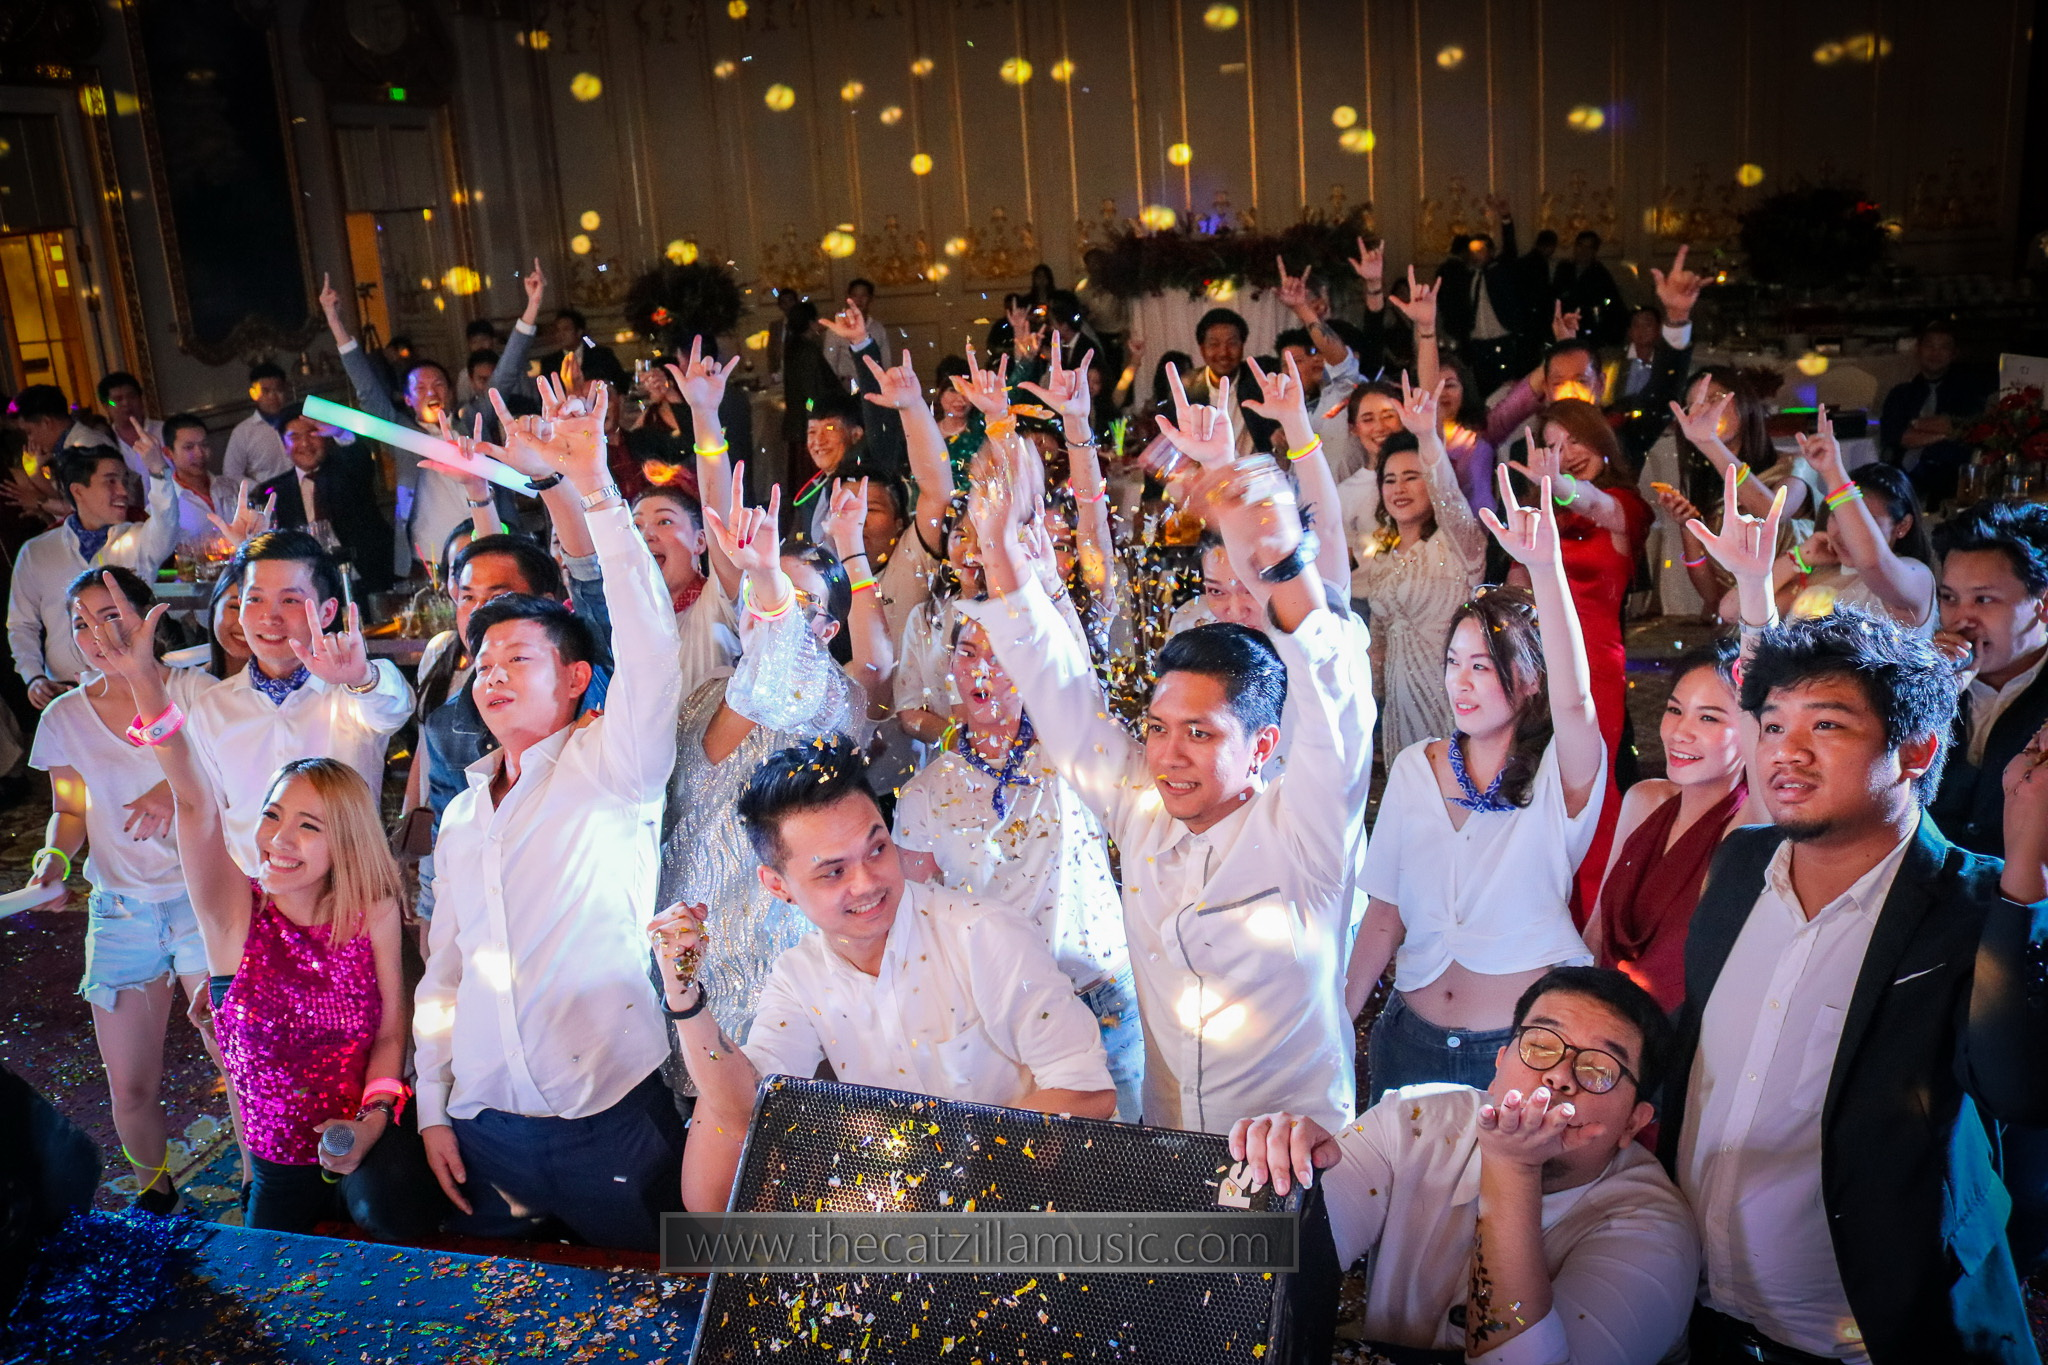 วงดนตรีงานแต่งงาน After Party ที่โรงแรมMandarin Oriental Bangkok